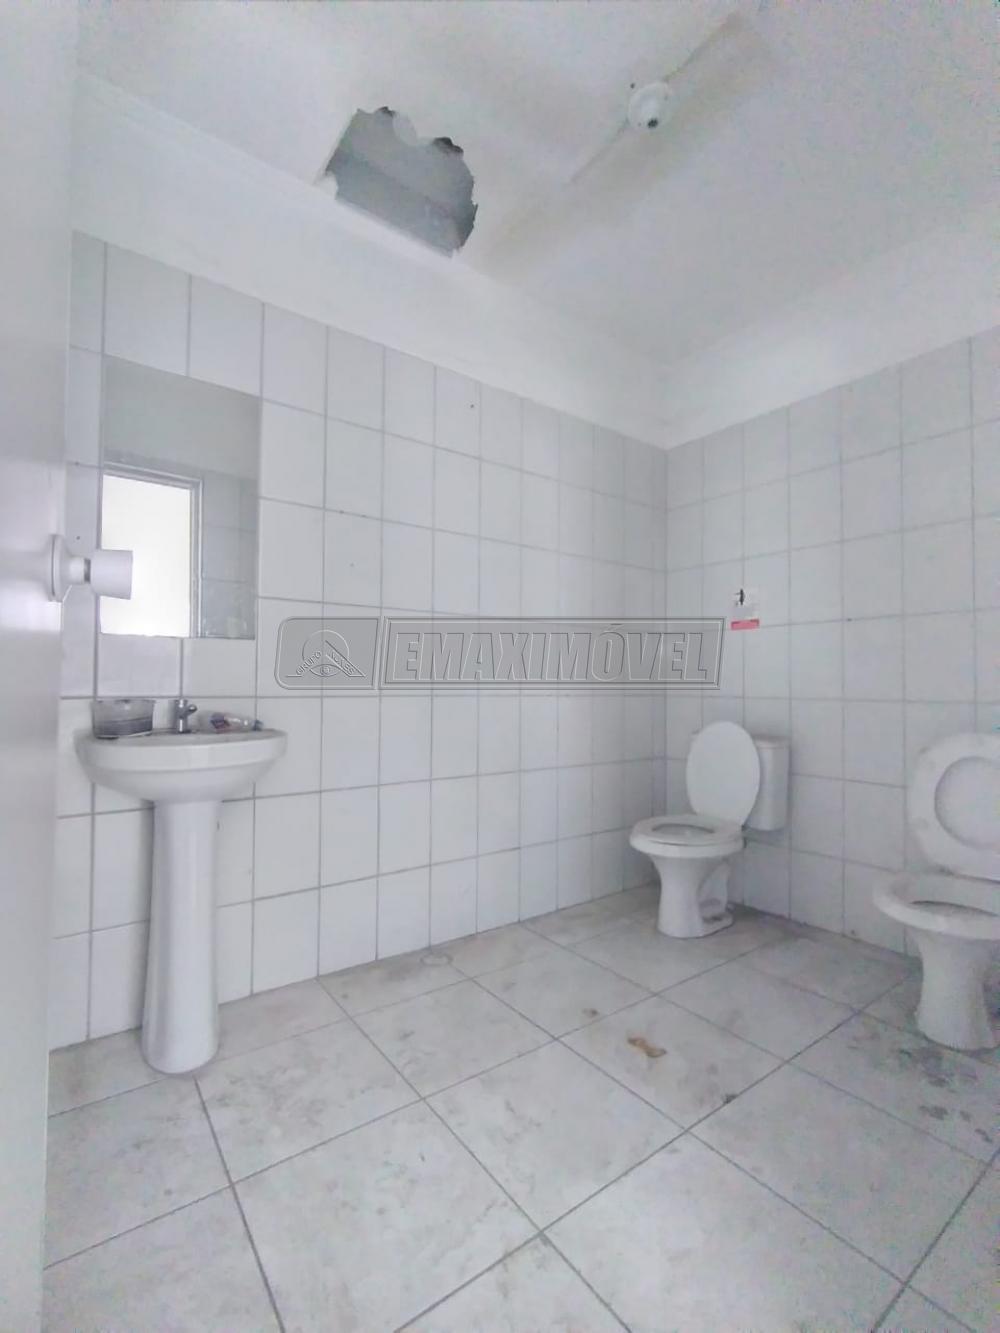 Alugar Comercial / Salas em Bairro em Sorocaba apenas R$ 4.000,00 - Foto 7